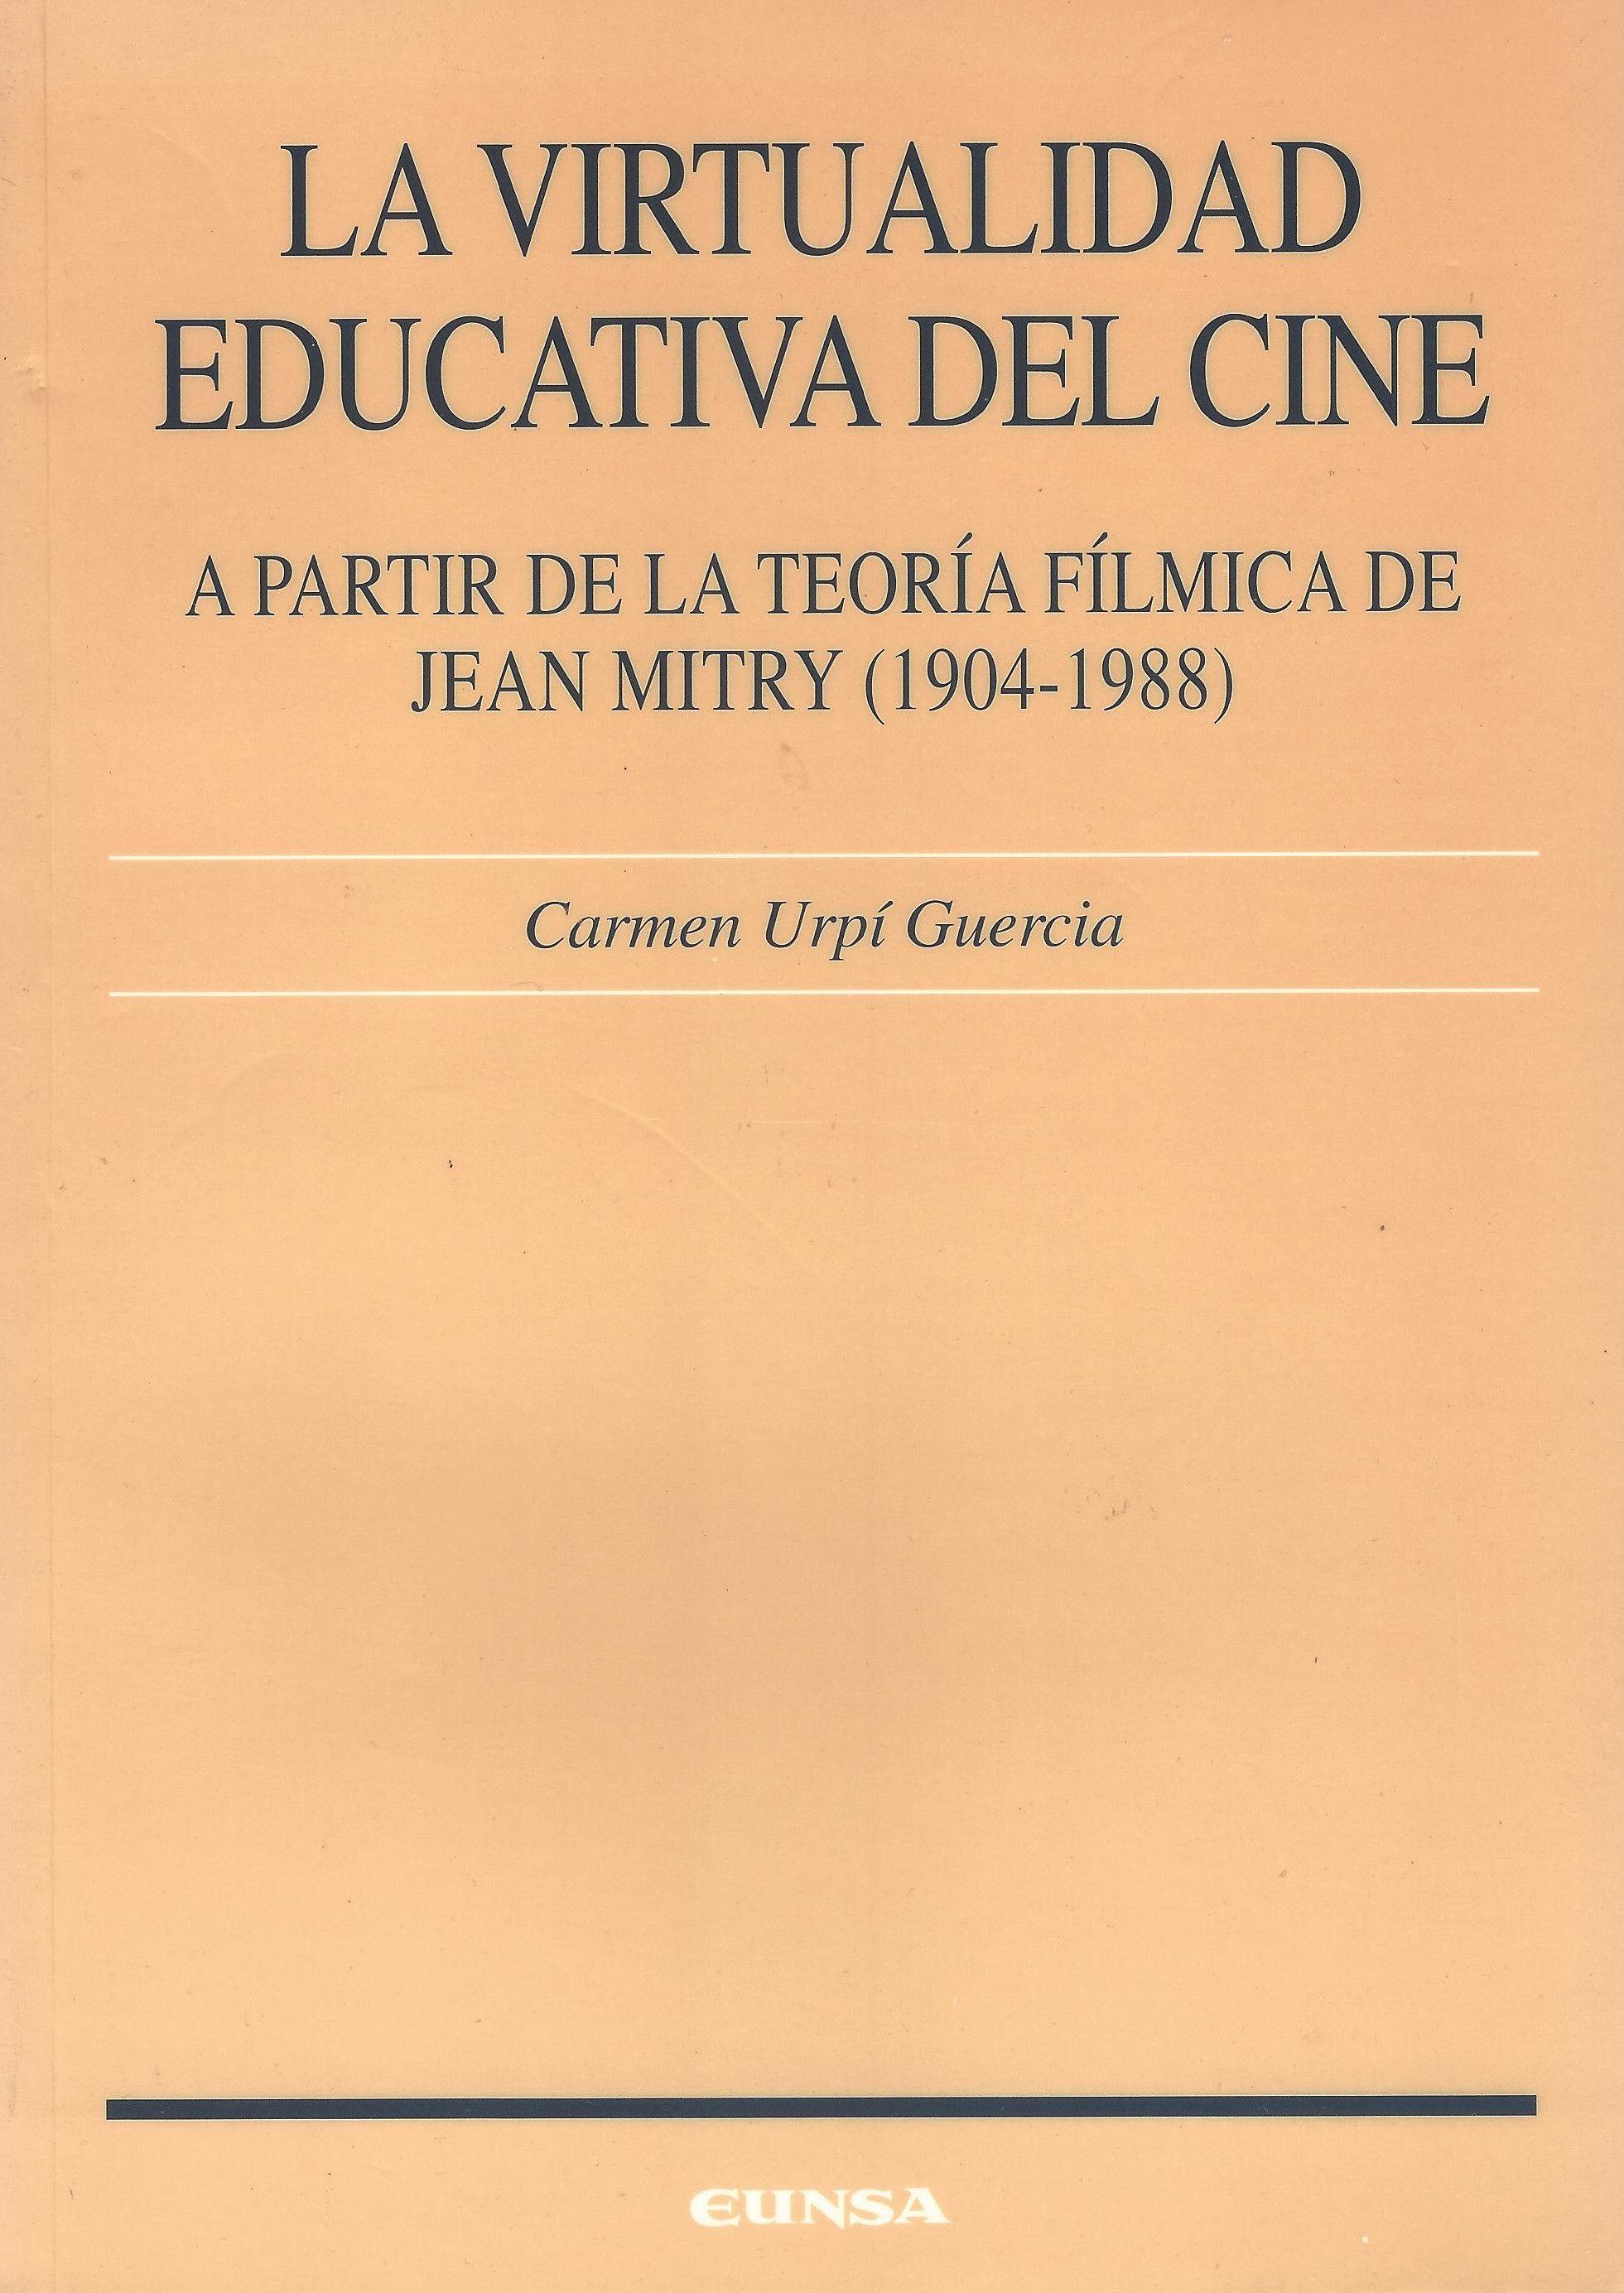 Virtualidad Educativa del Cine, La